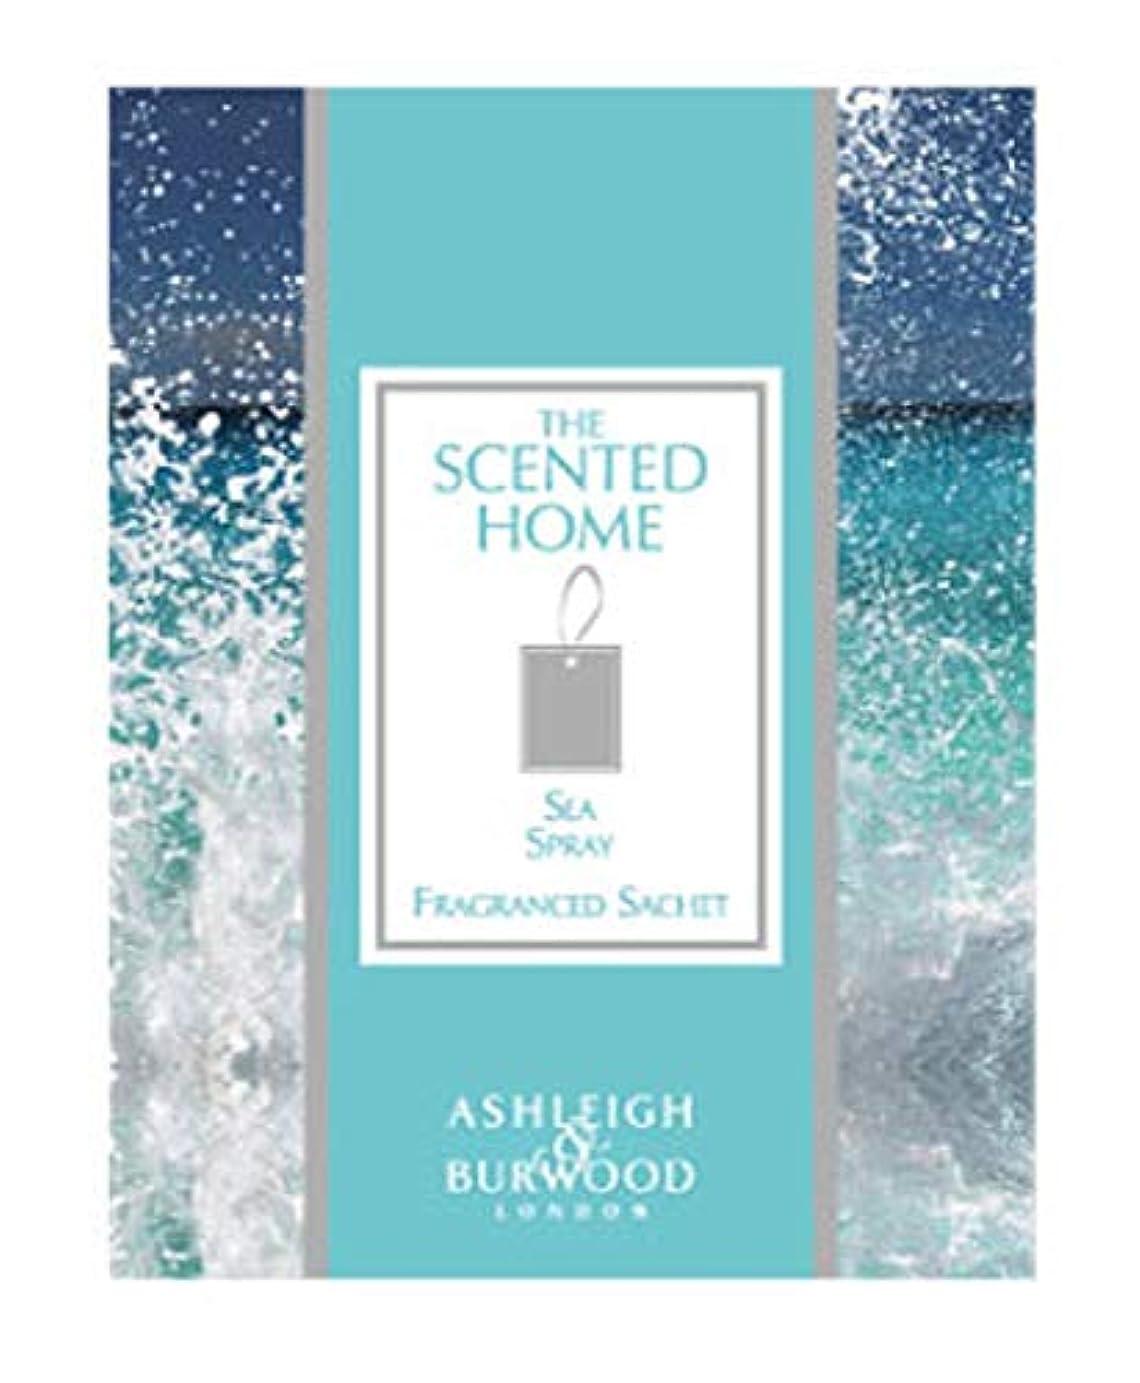 原油円形の時計アシュレイ&バーウッド(Ashleigh&Burwood) Ashleigh&Burwood サシェ シースプレー Sachet SeaSpray アシュレイ&バーウッド 105㎜×80㎜×5mm/3個